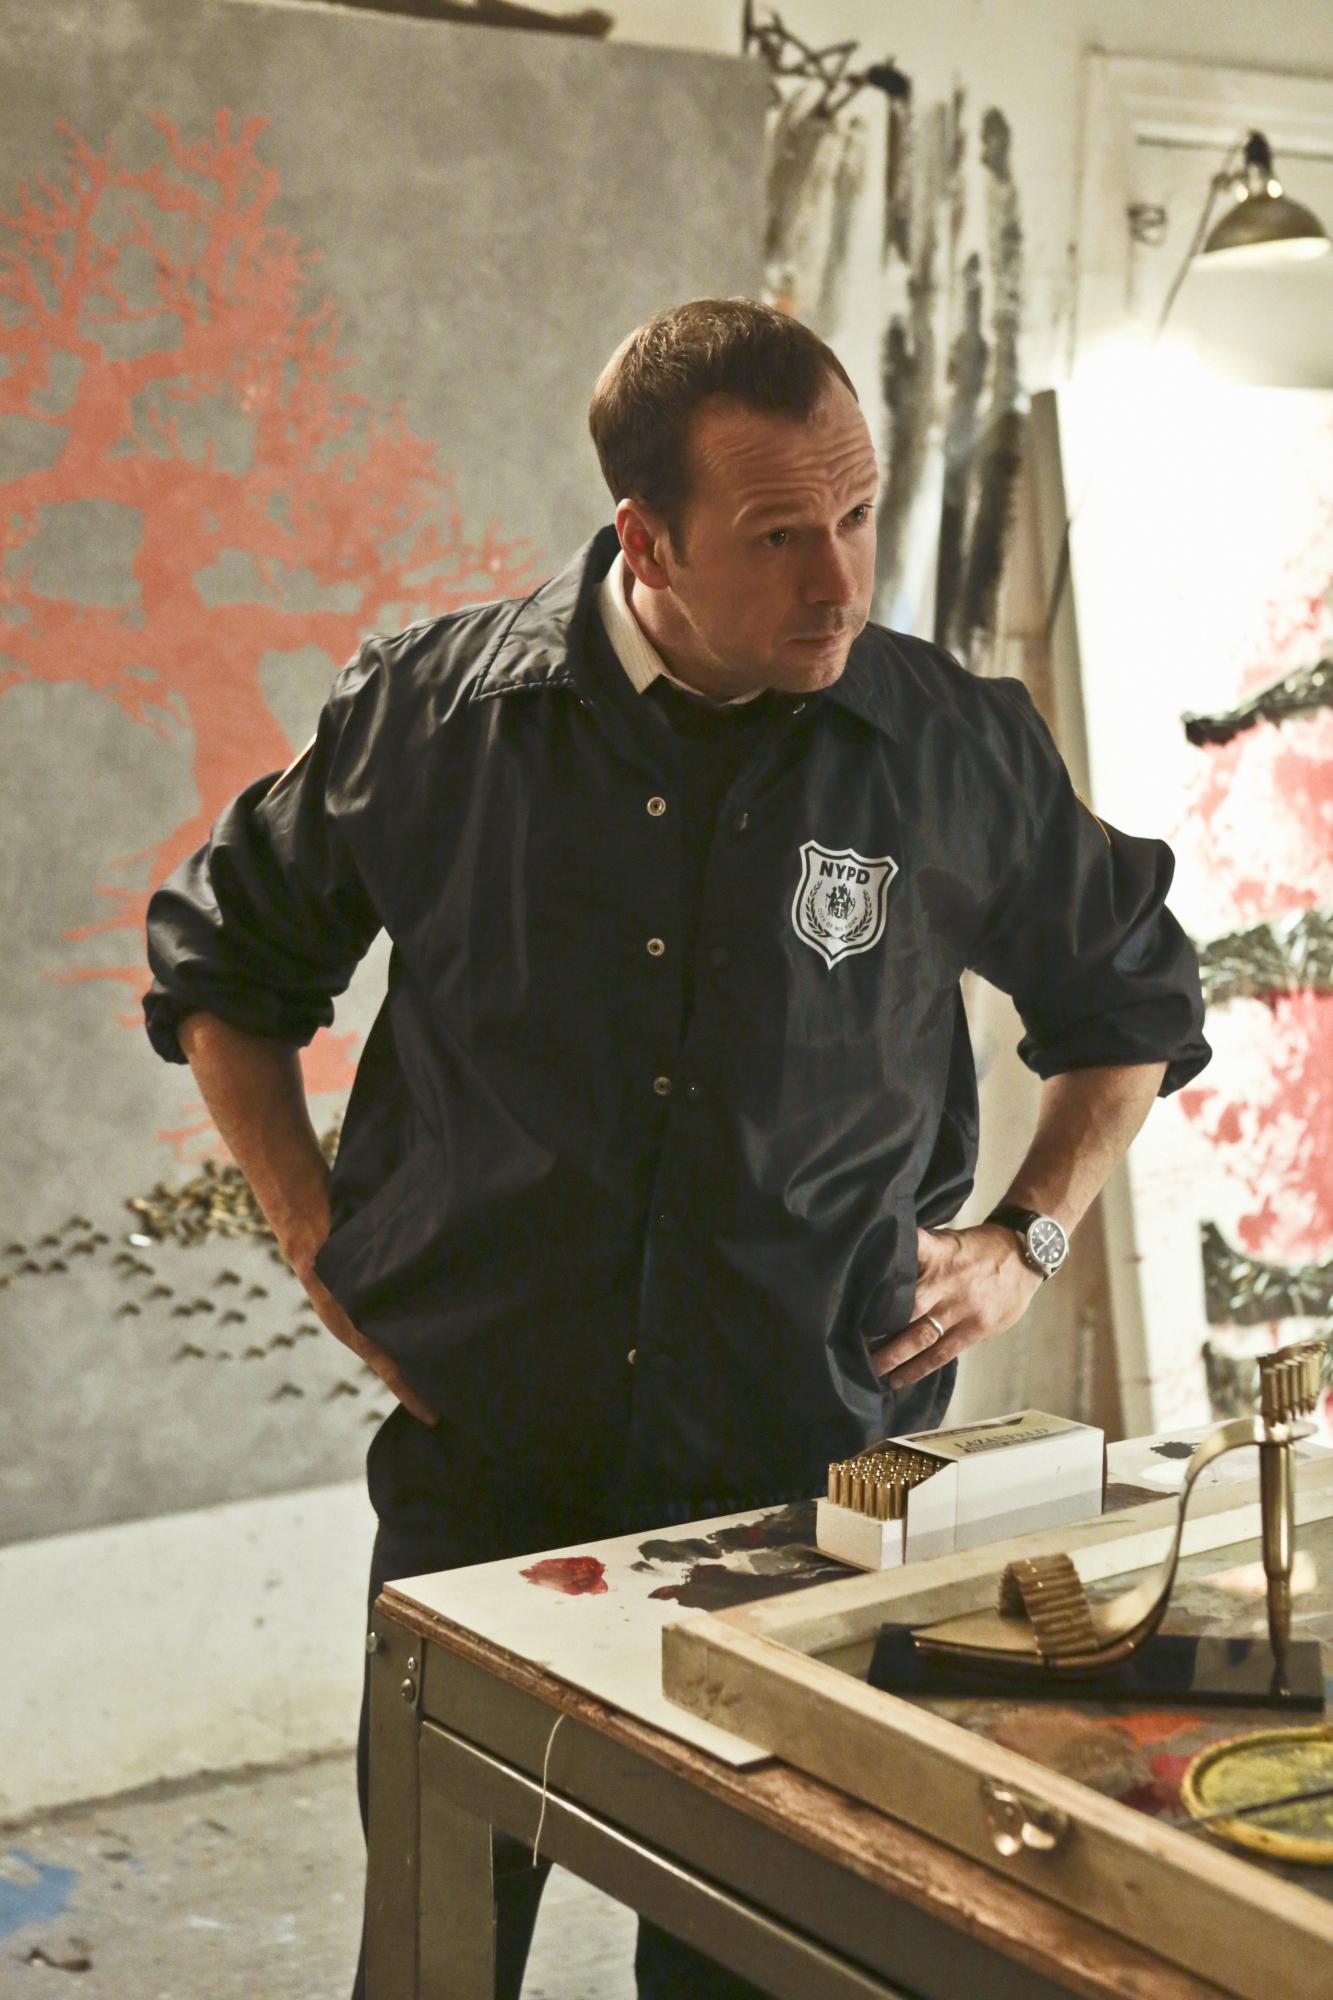 Danny Investigates the Scene